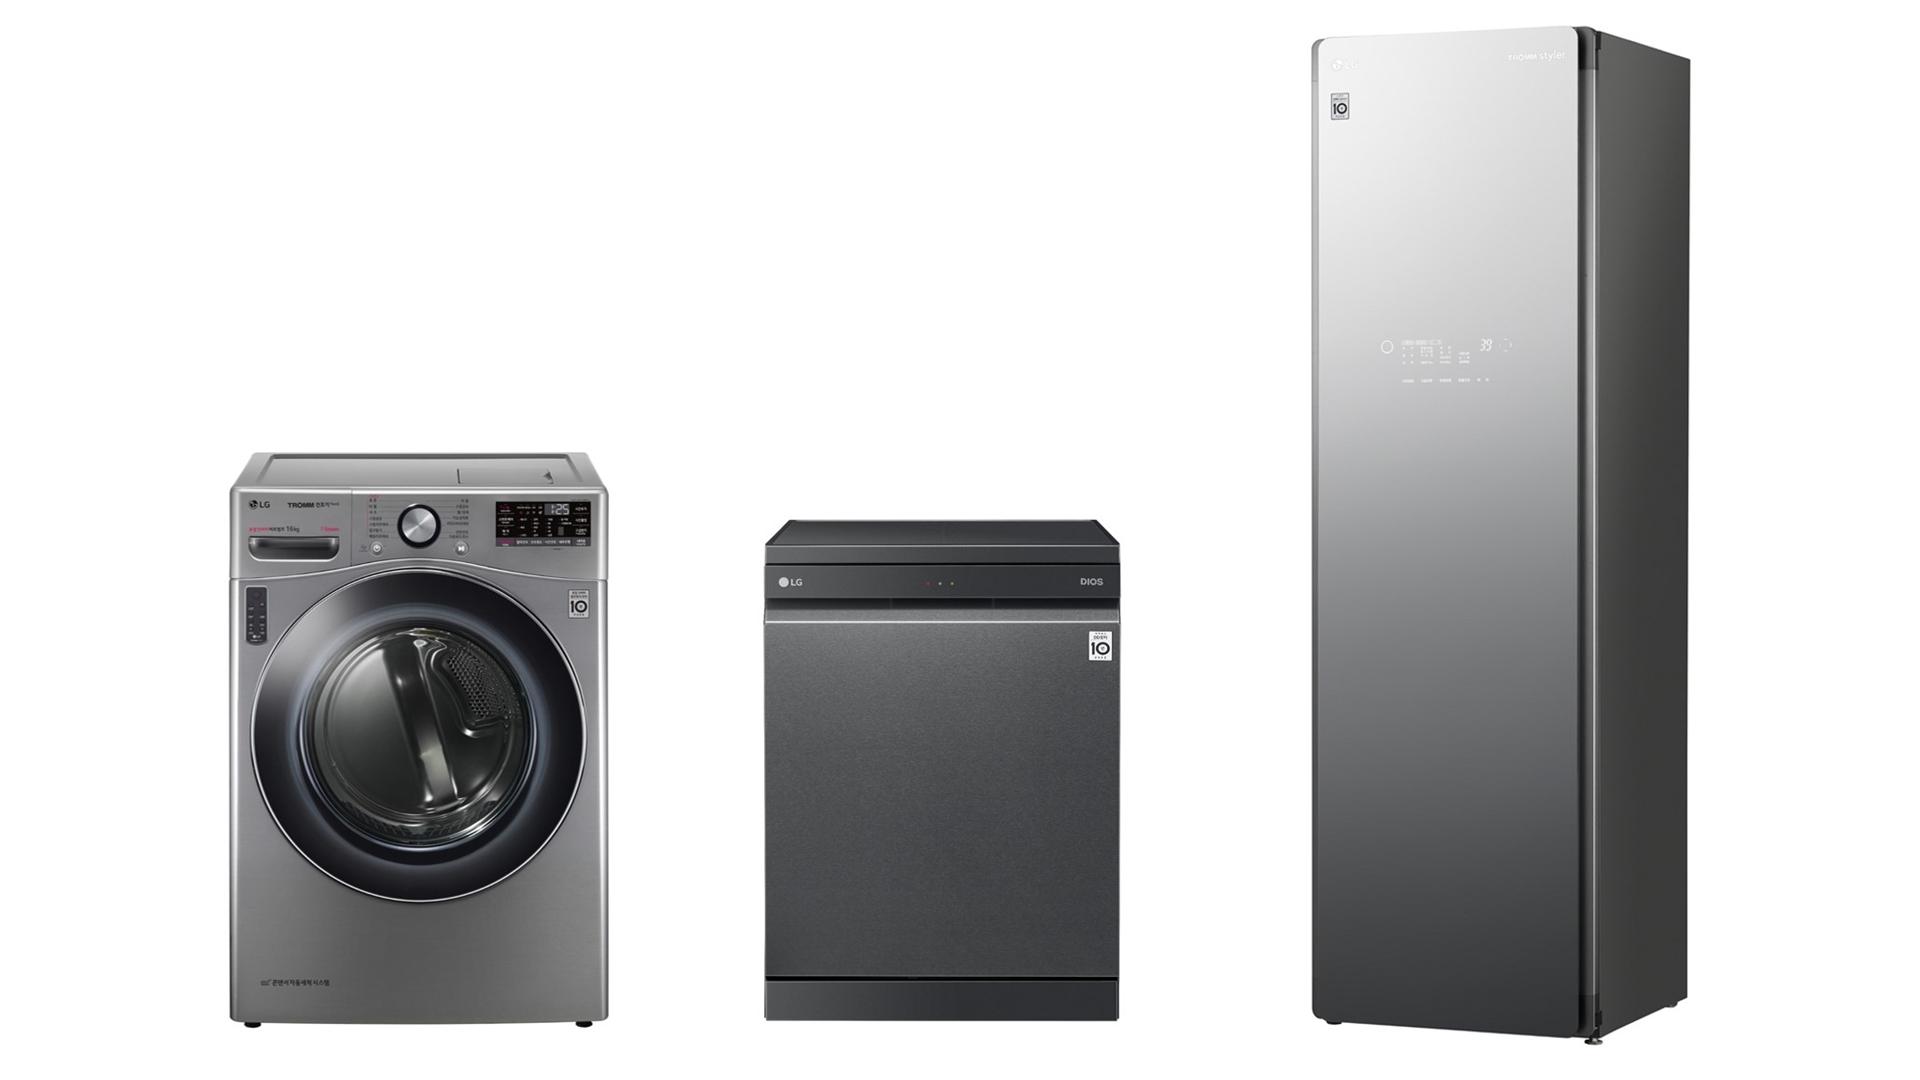 LG전자 대용량 스팀가전 가운데 건조기, 식기세척기, 스타일러의 제품 사진